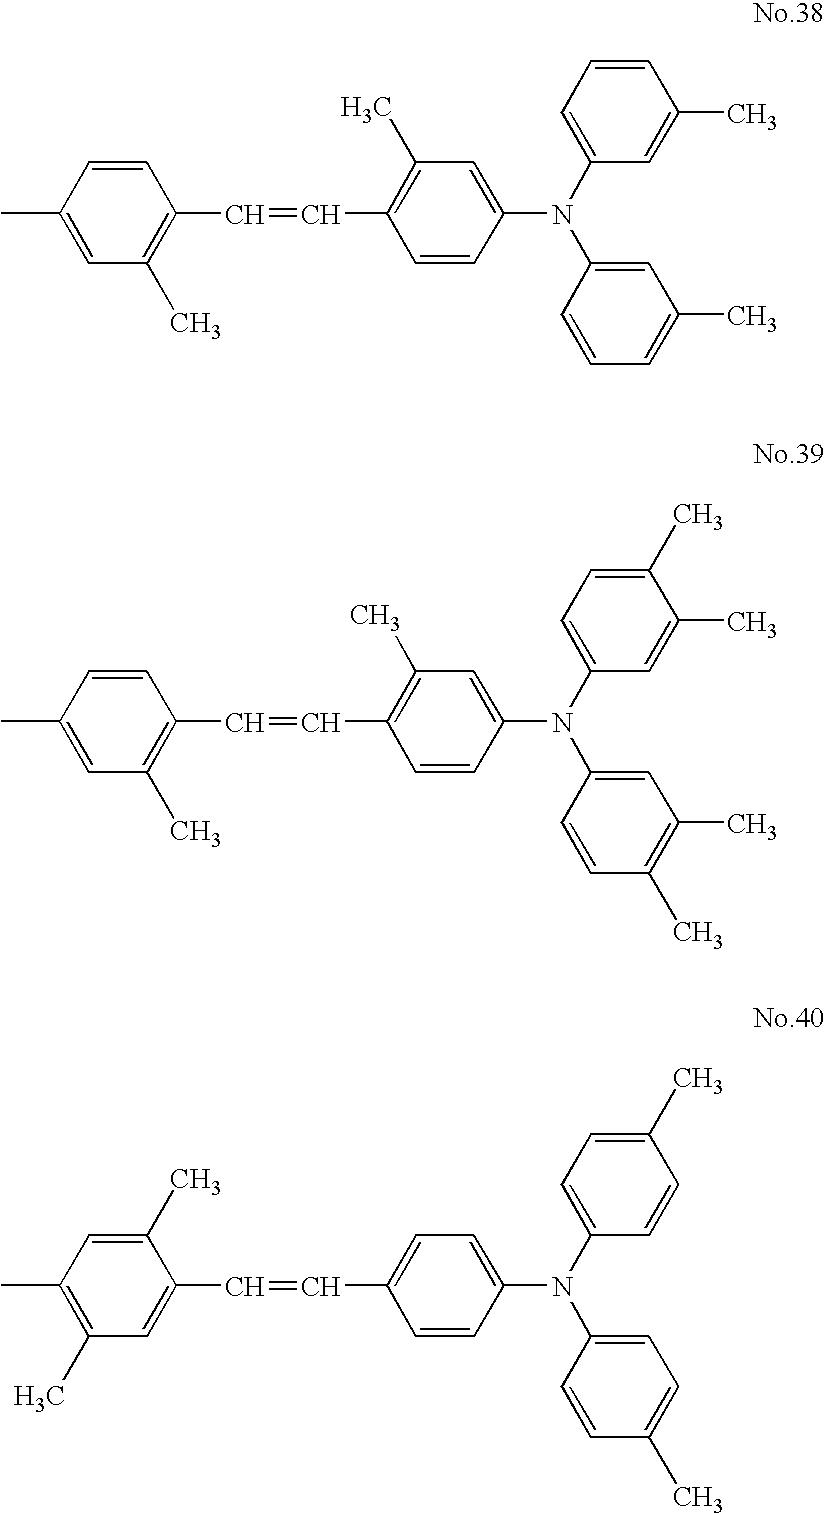 Figure US07629094-20091208-C00024